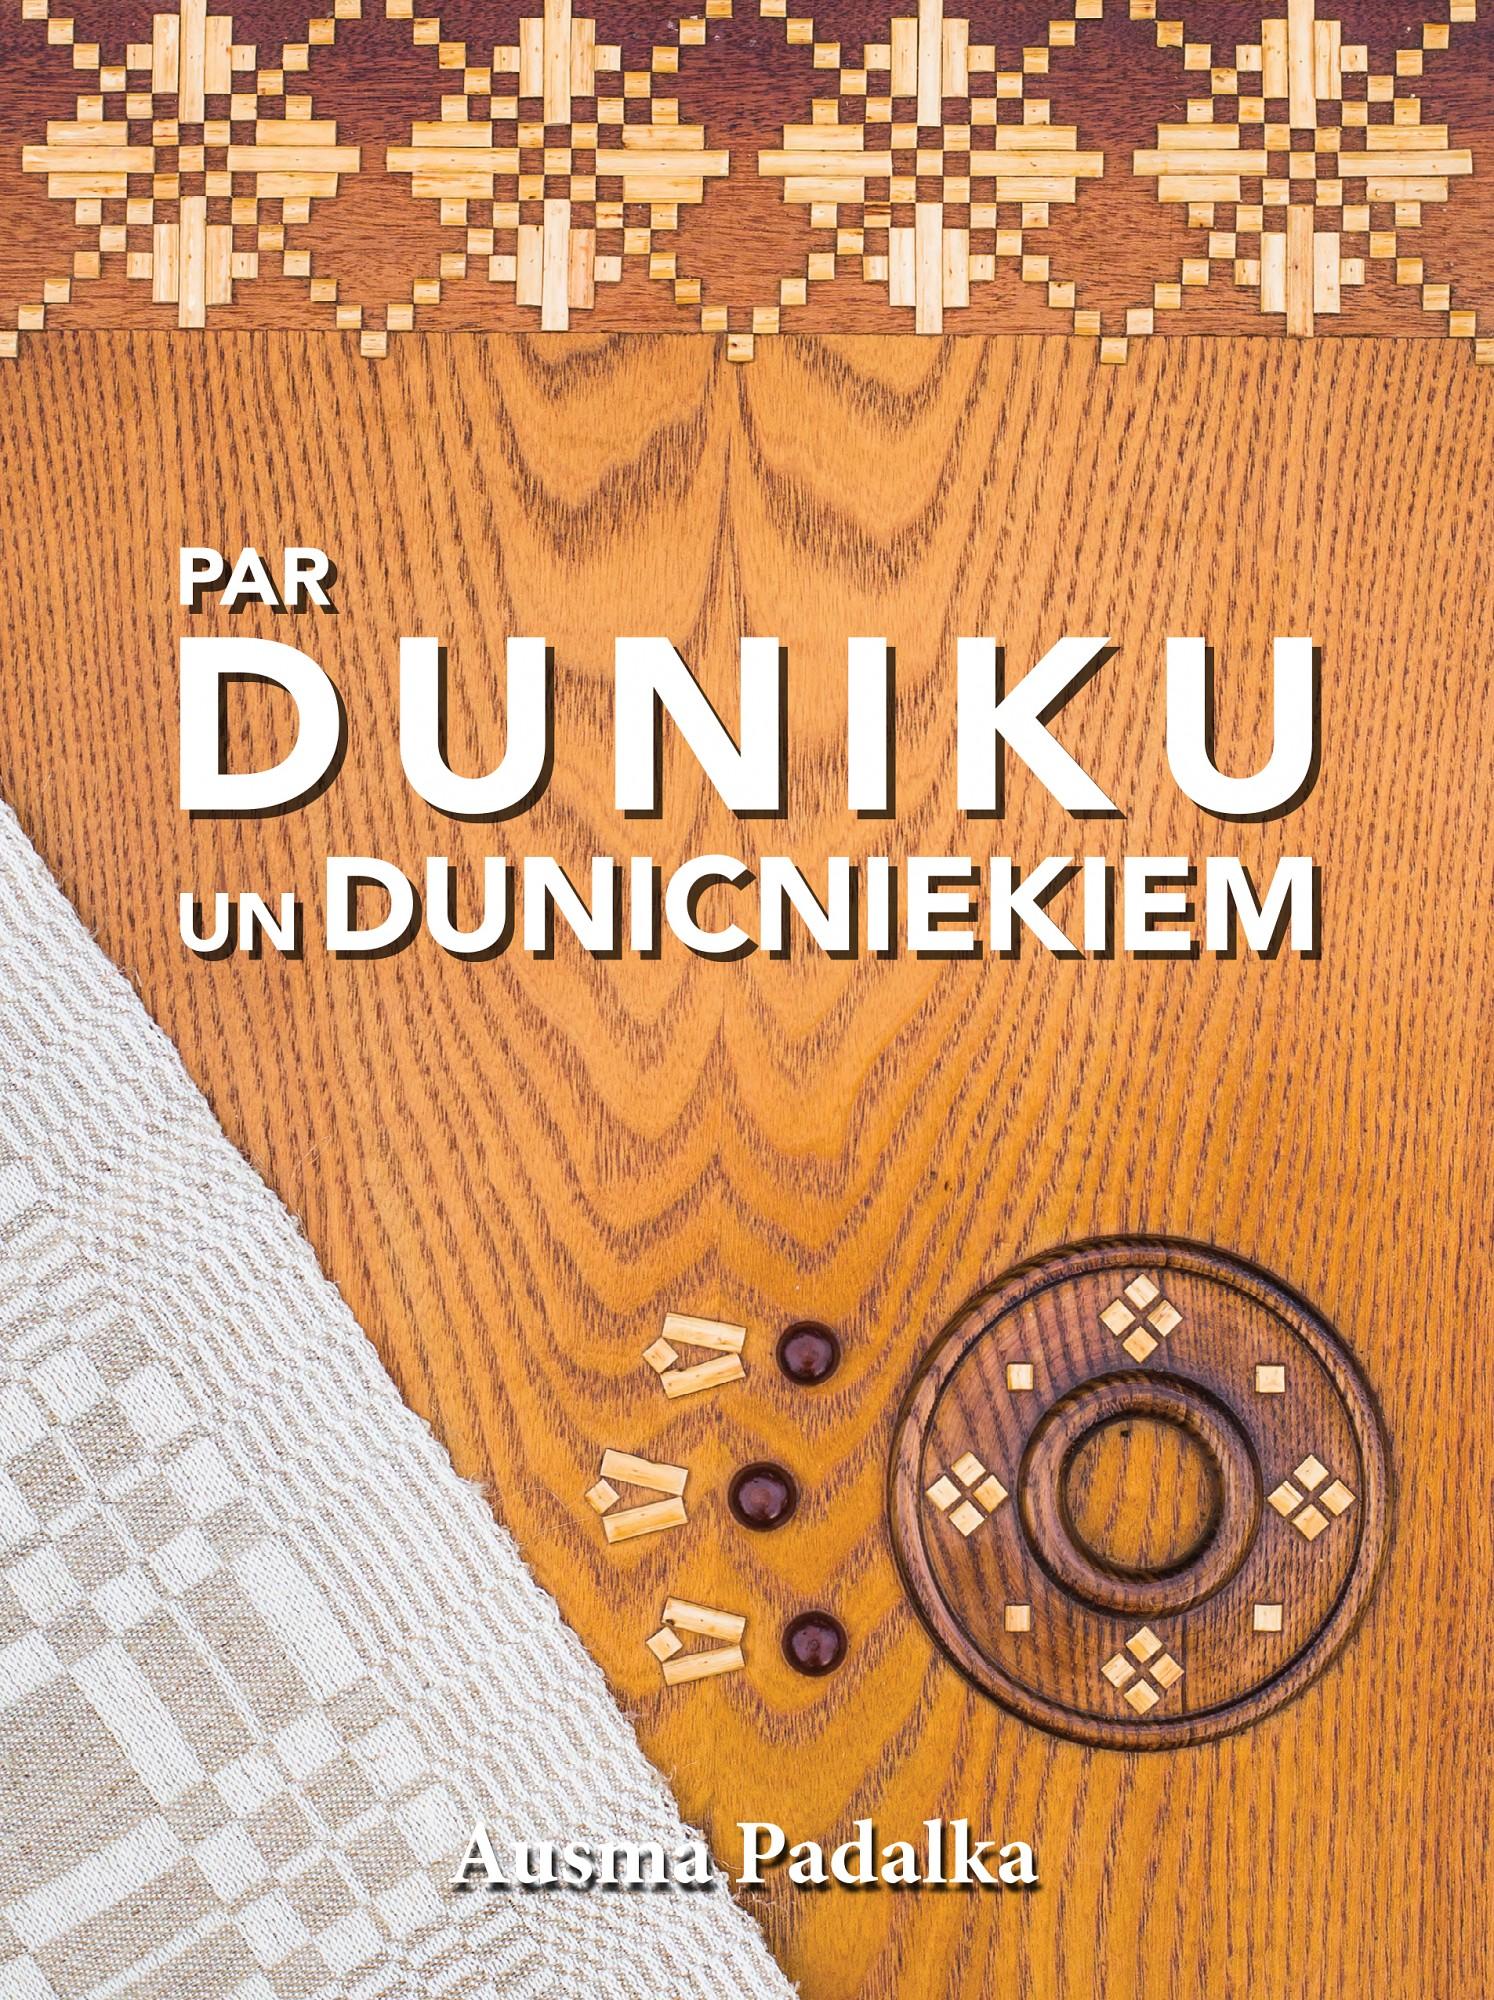 Mūža vākums par Duniku un dunicniekiem